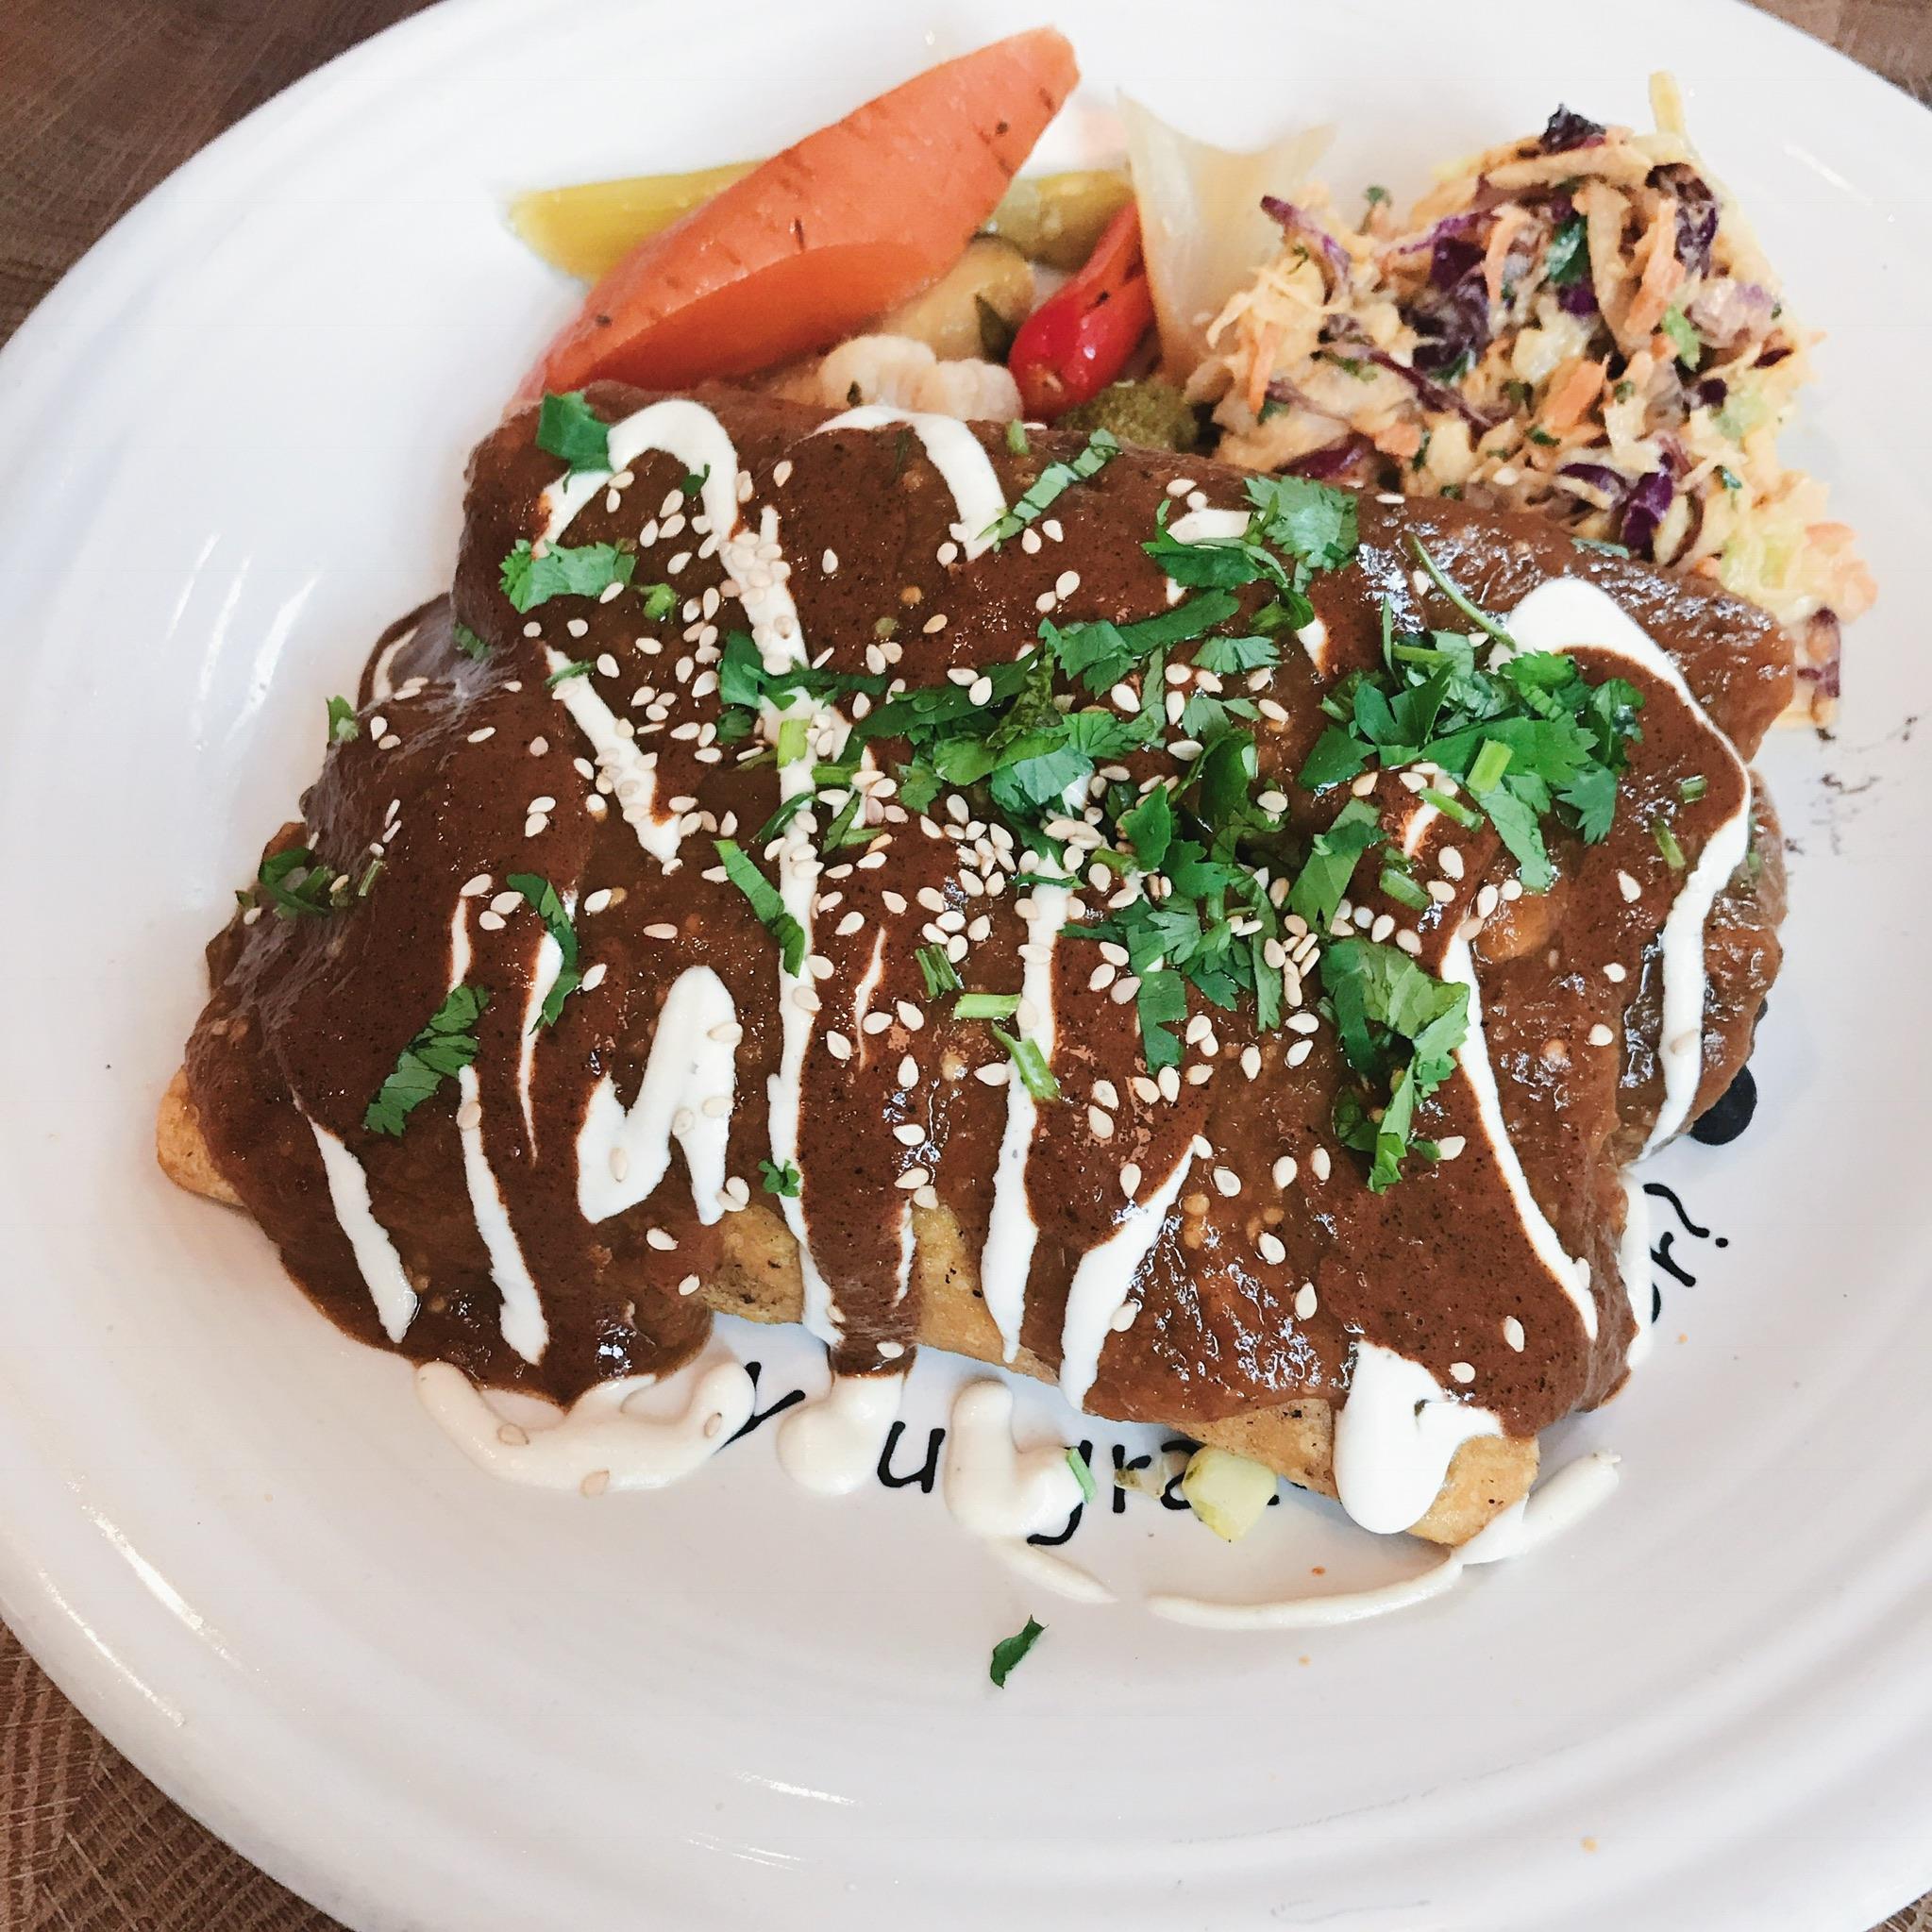 San Diego Cafe Gratutide